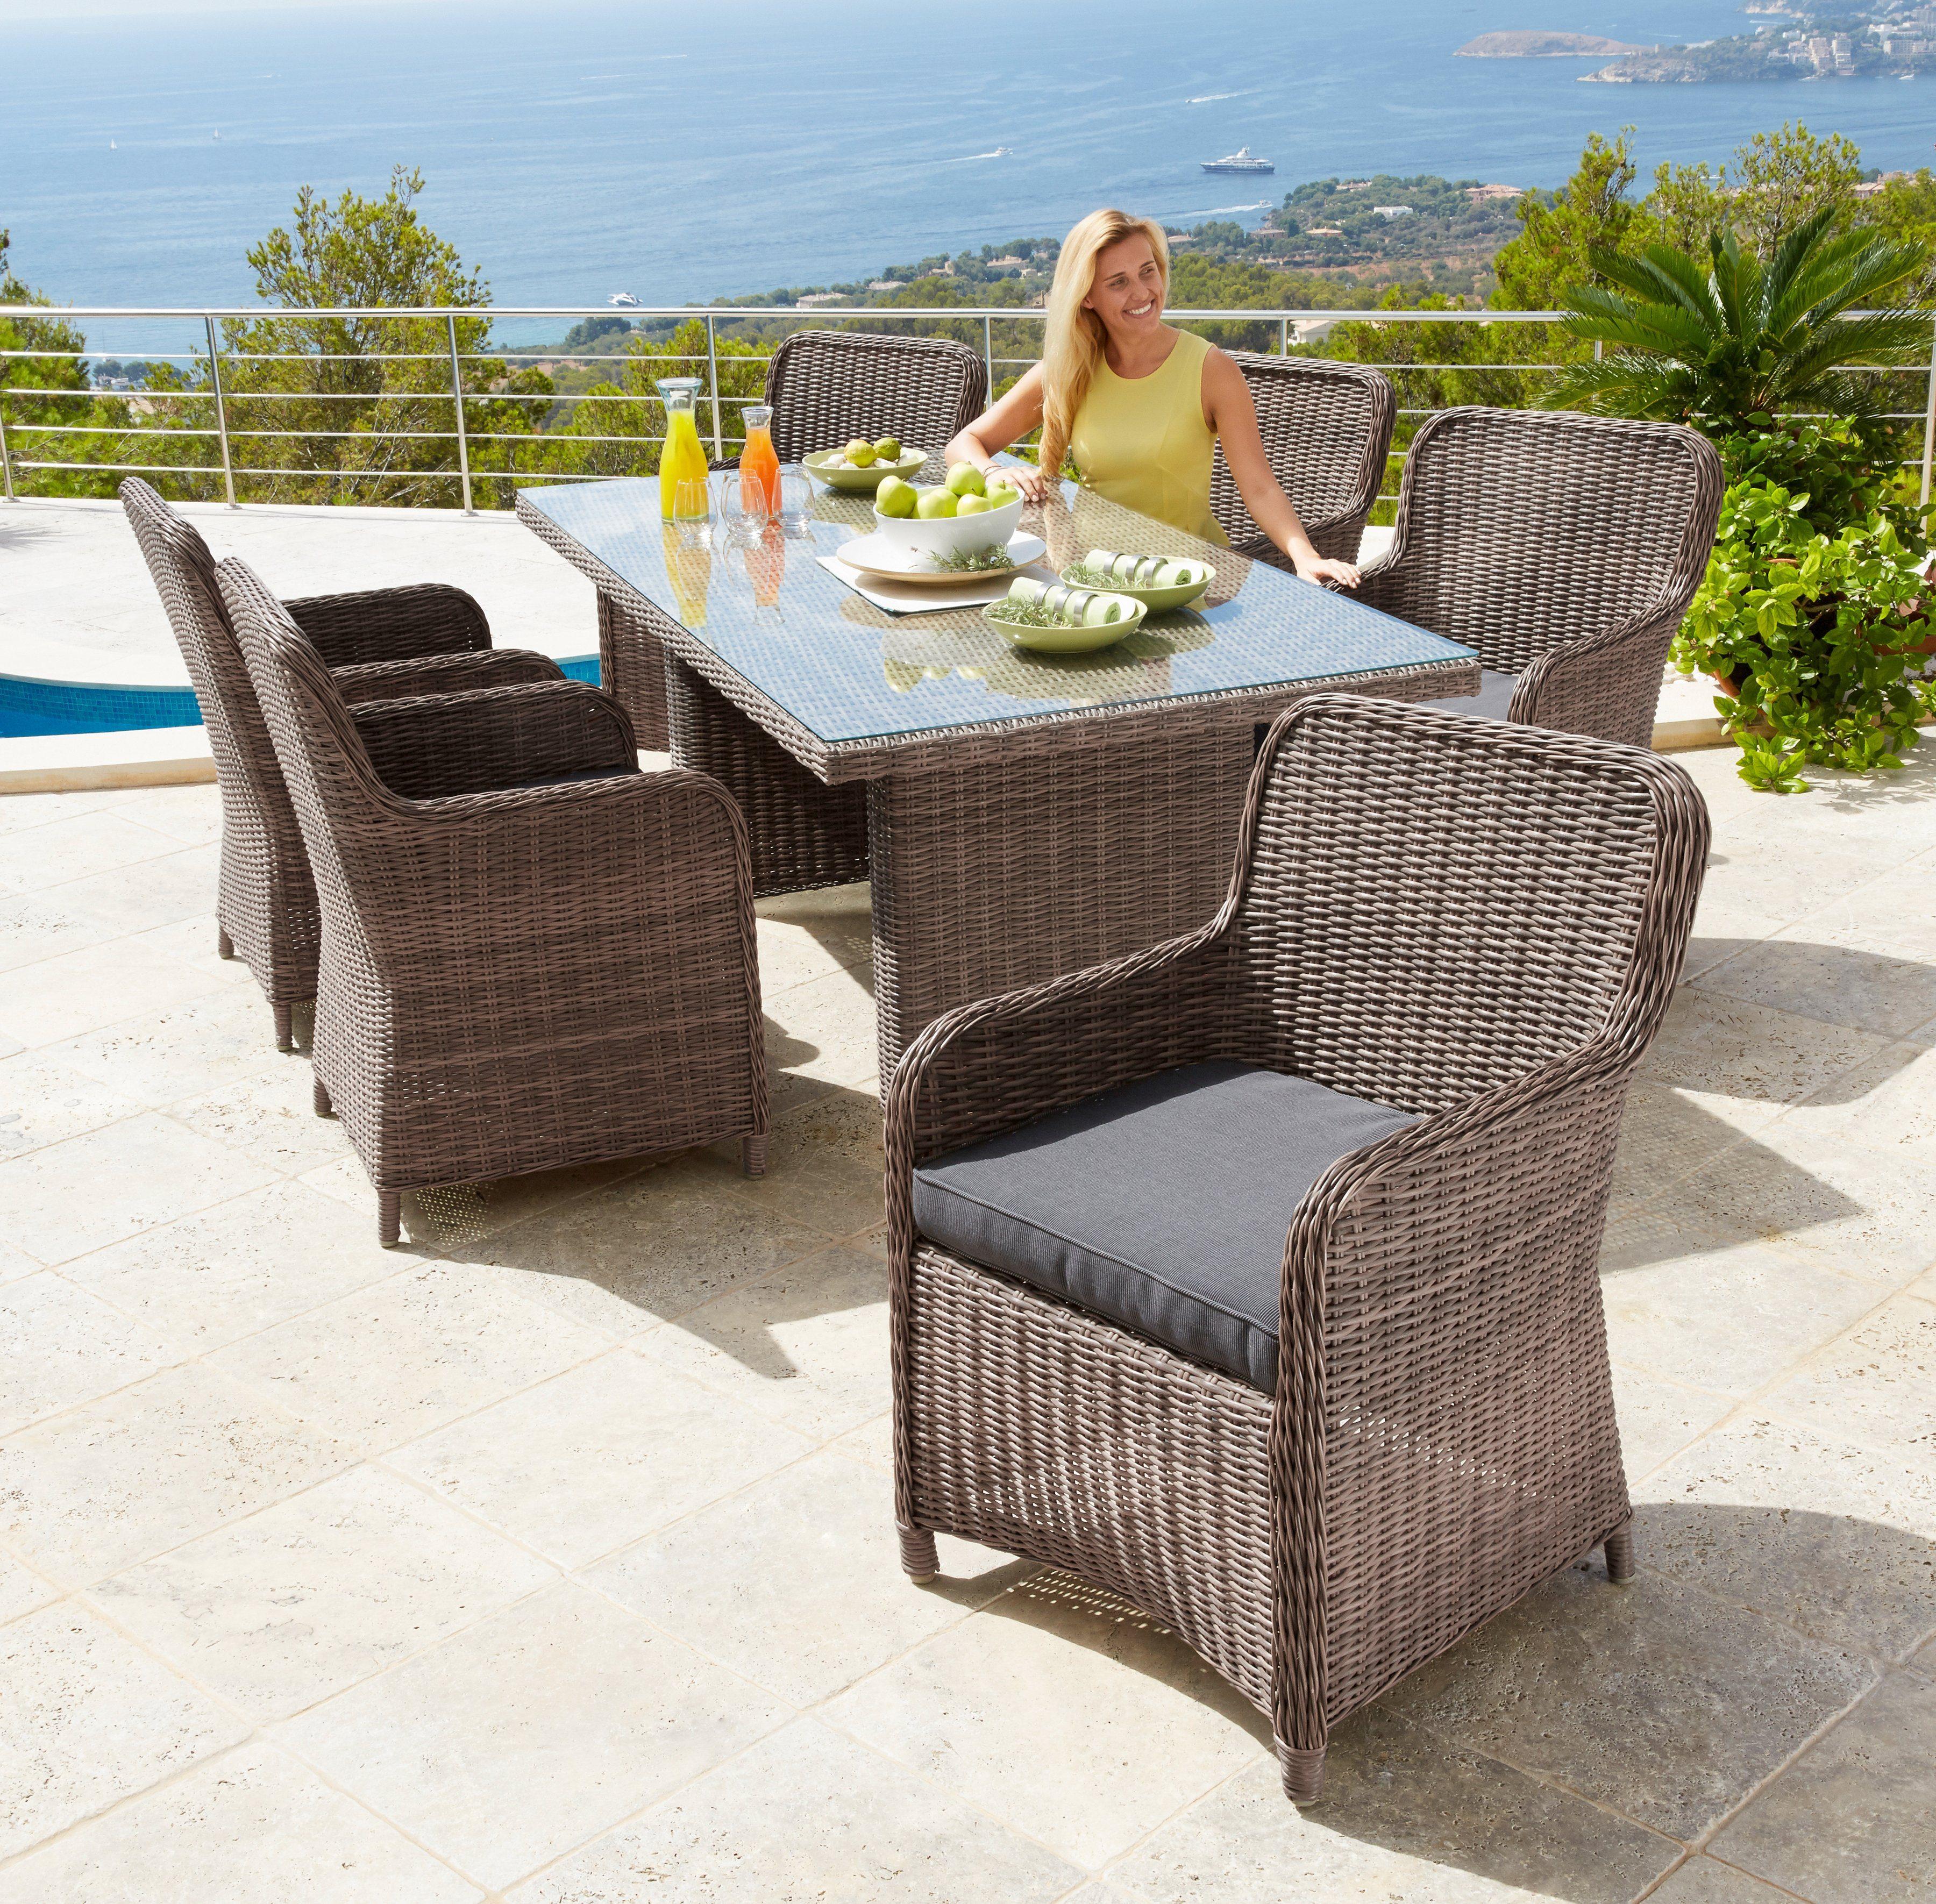 Gartenmöbel online kaufen » Terrassenmöbel  OTTO